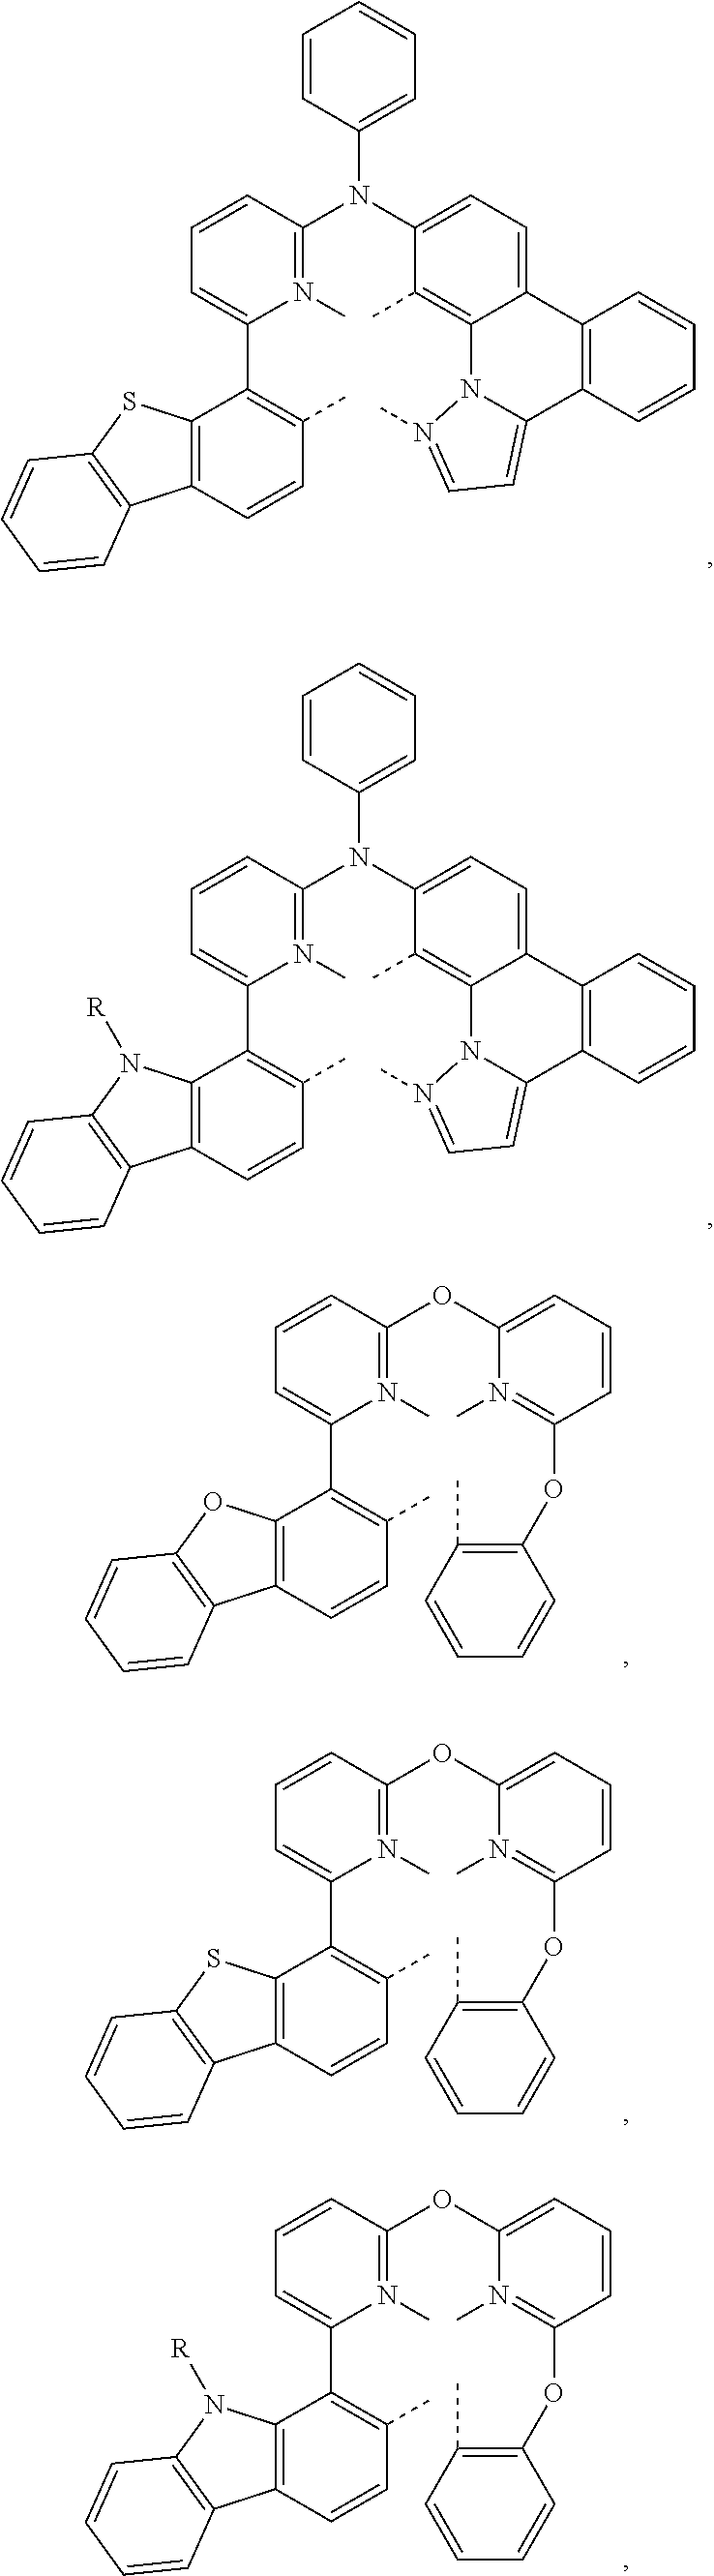 Figure US10056565-20180821-C00030